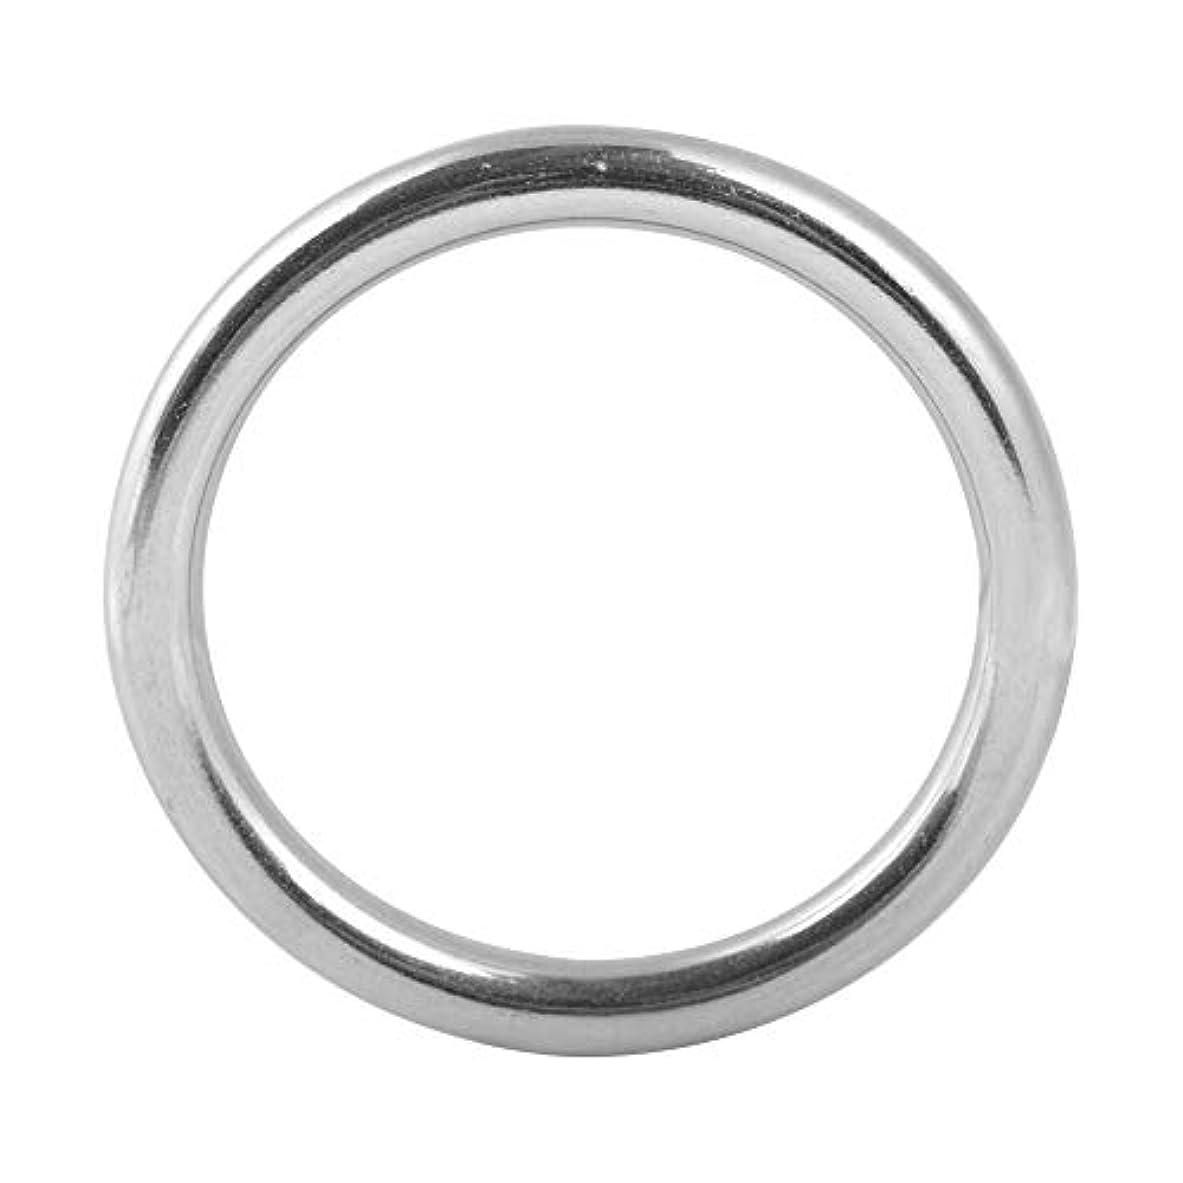 魔法名前を作る結核Oリング 304 ステンレス鋼 溶接Oリング Oラウンドリング ステンレスOリング リング径 5mm ダイビングペットアクセサリー